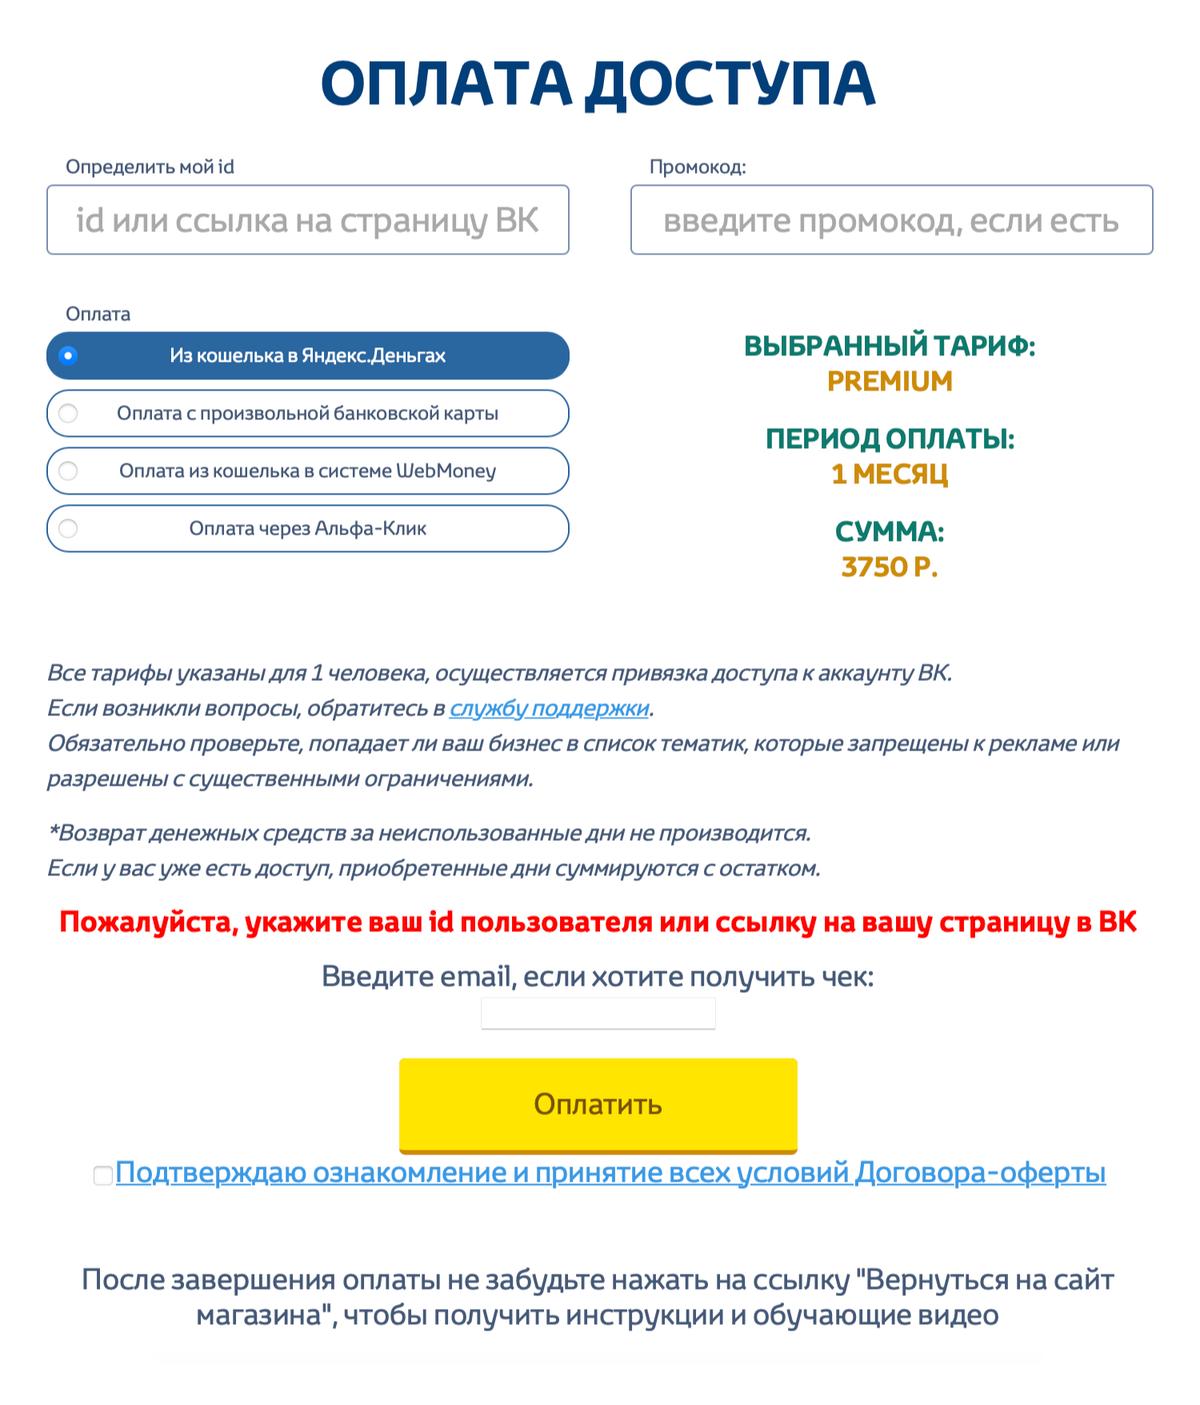 Аккаунт привязывается к странице во «Вконтакте», поэтому не получится организовать корпоративный доступ